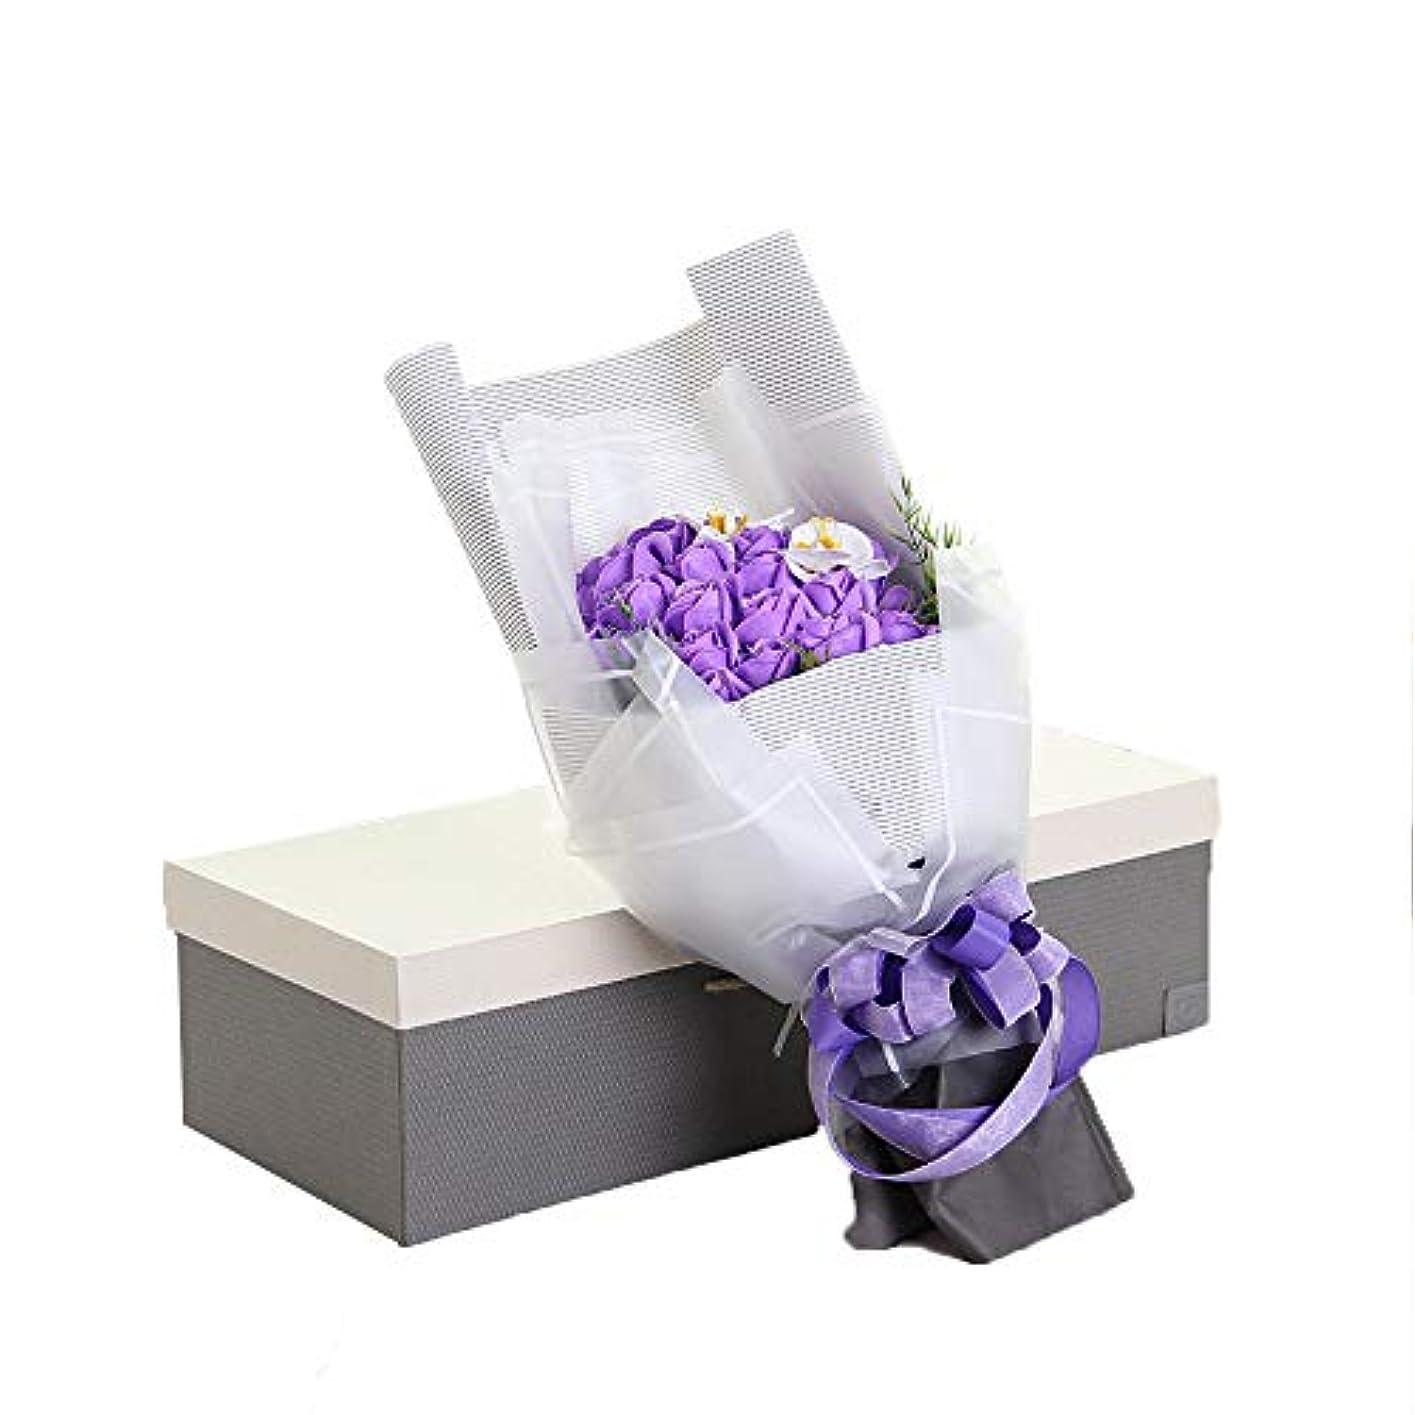 意志に反するが欲しいよろめく手作り29石鹸花の花束ギフトボックス、女性のためのギフトバレンタインデー、母の日、結婚式、クリスマス、誕生日(ベアカラーランダム) (色 : 紫の)